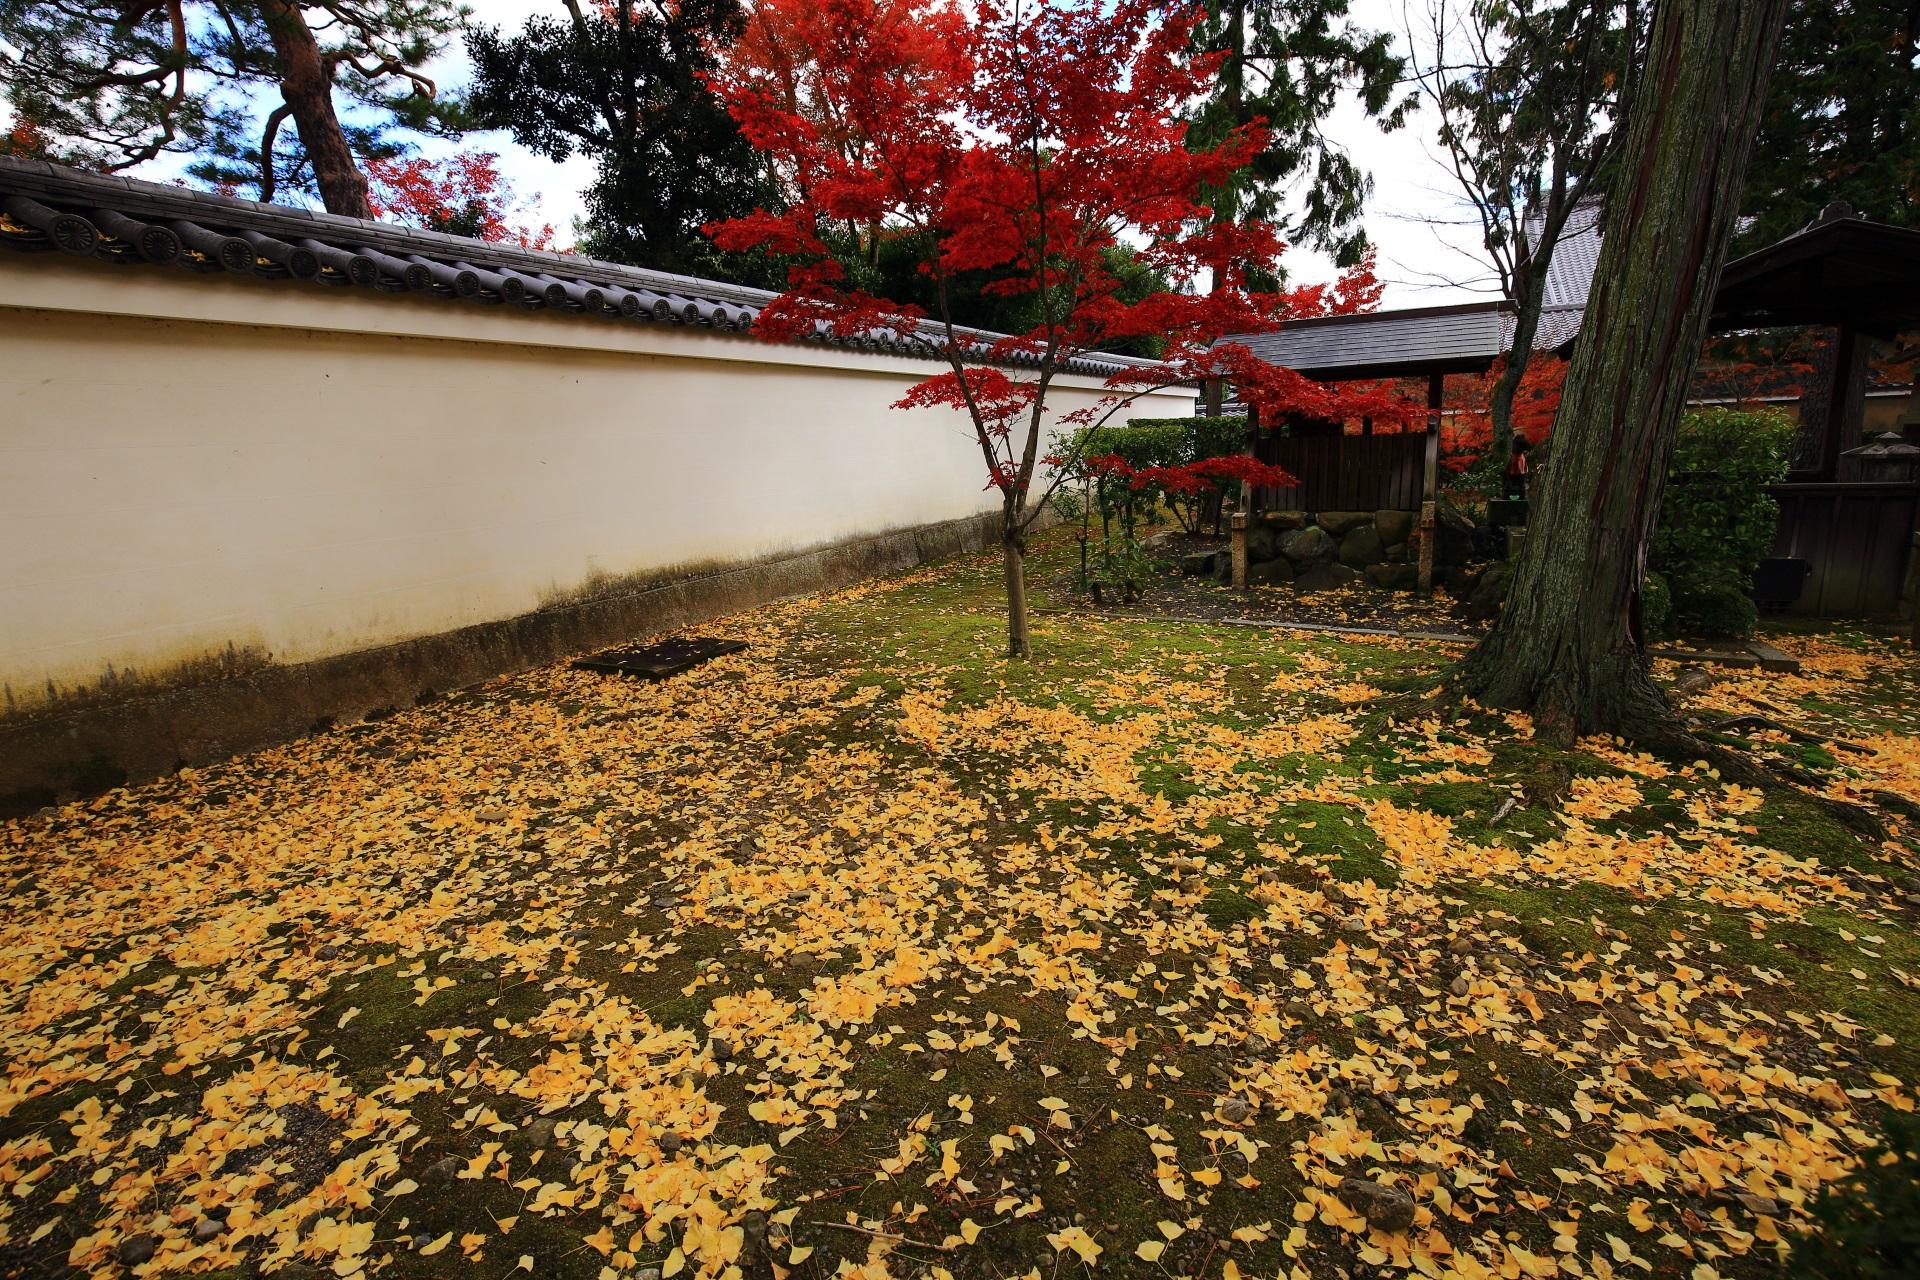 開山堂裏の黄色い散り銀杏と赤い紅葉